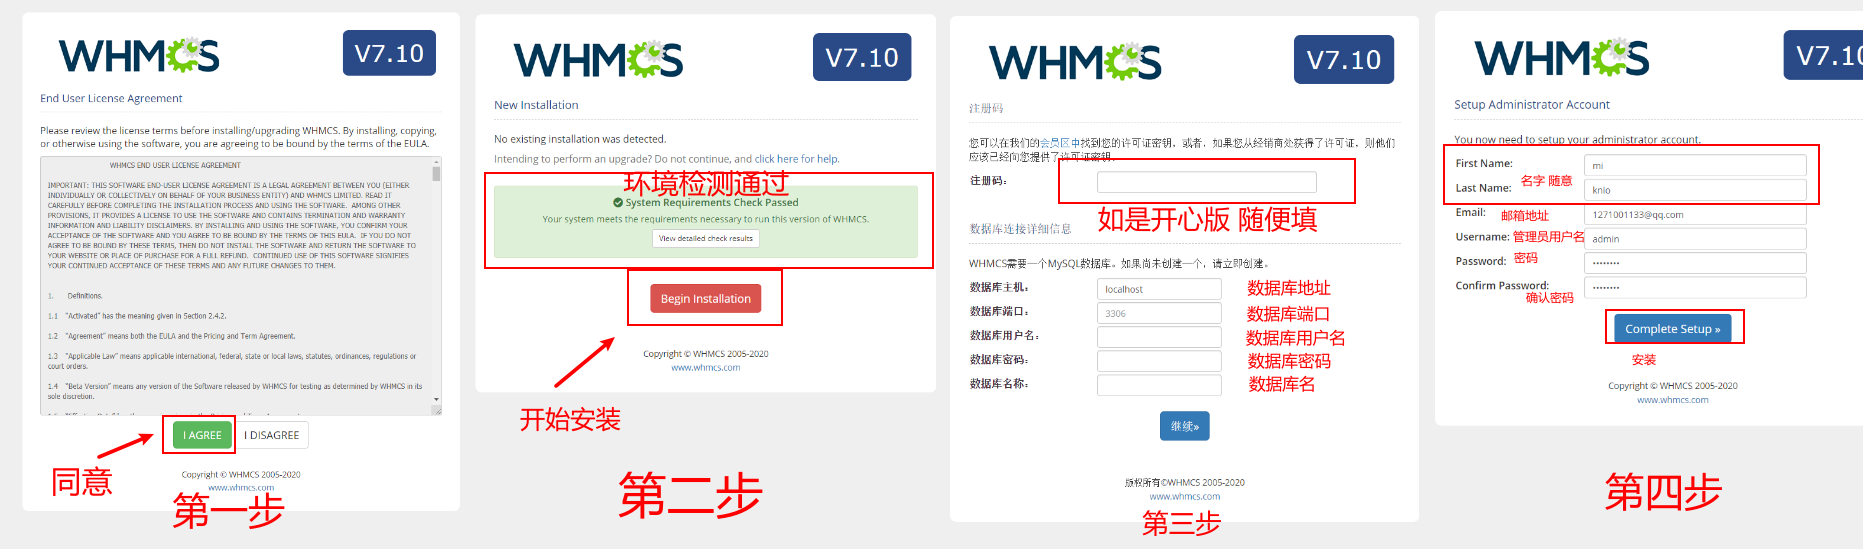 自建虚拟主机销售,使用EasyPanel和WHMCS自助销售虚拟主机(一)-常网小站Miknio